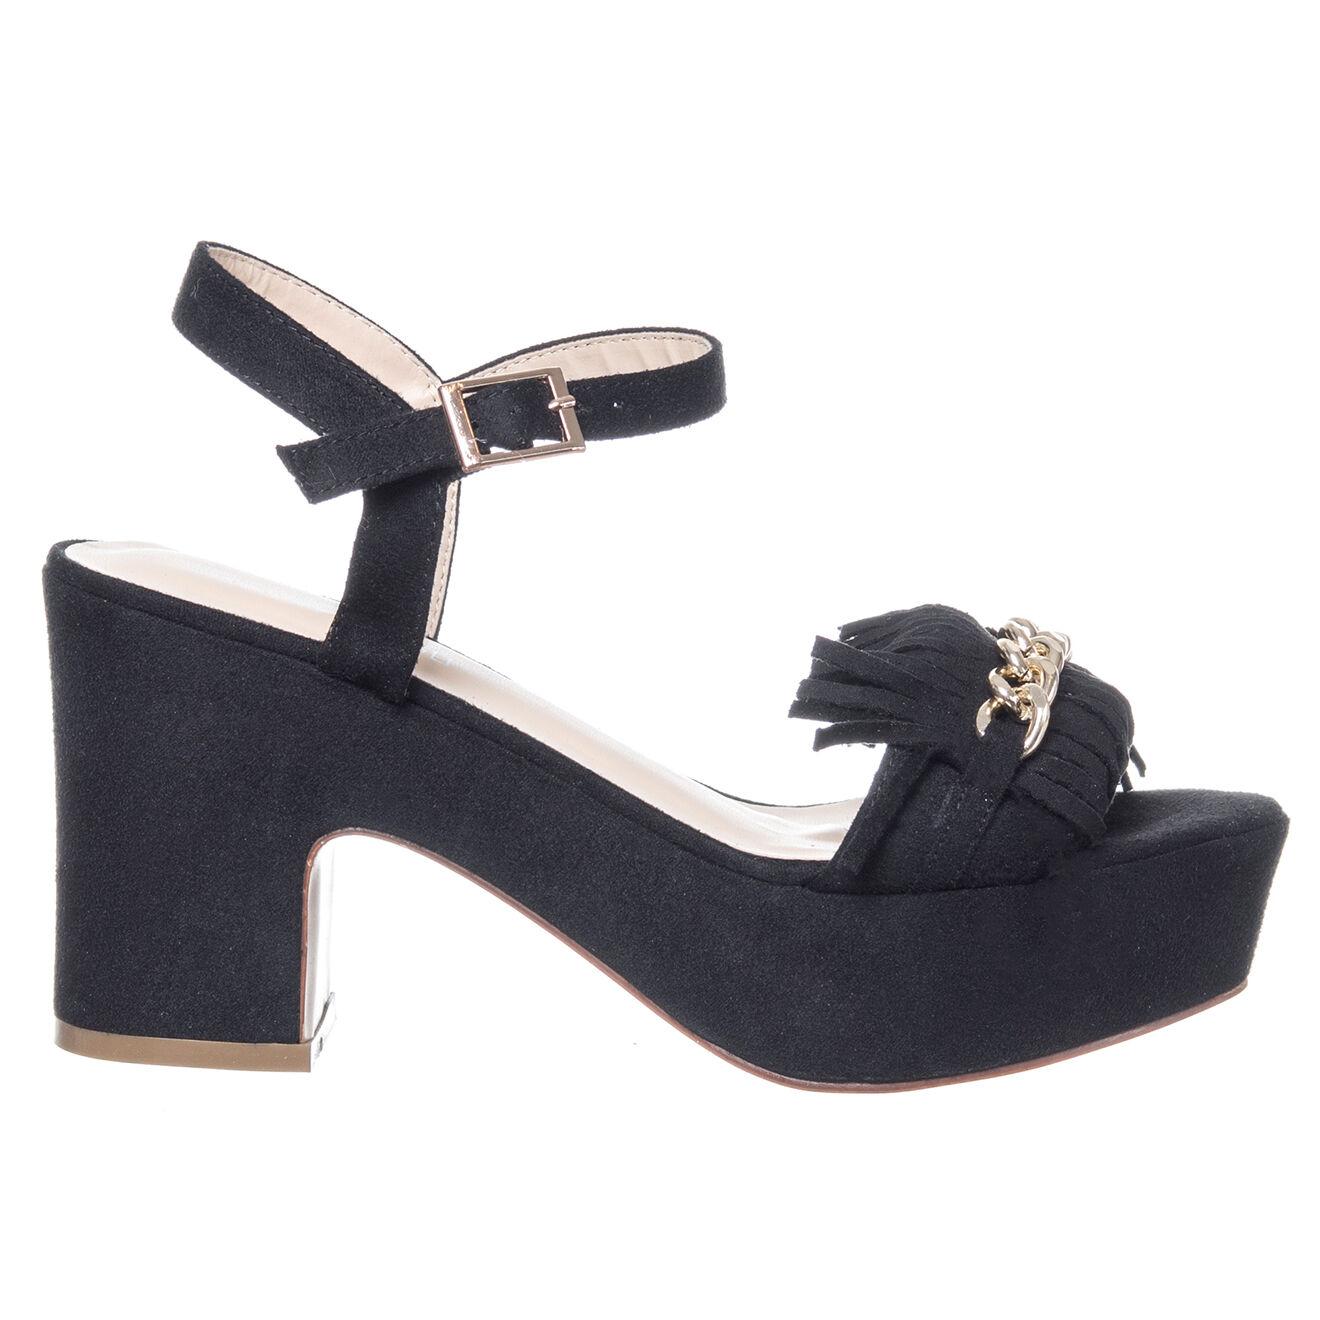 Sandales Elsa noires - Talon 9 cm